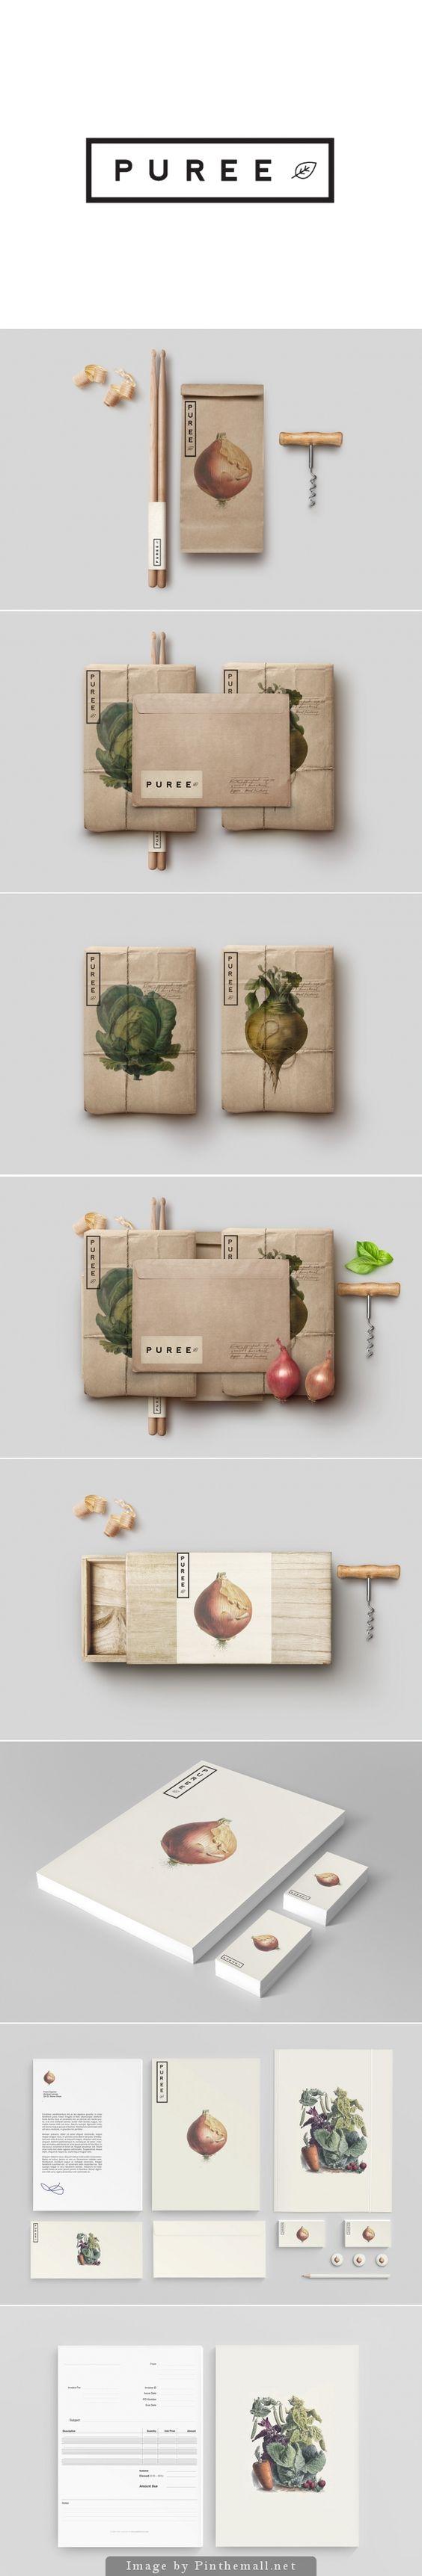 一组特别的全套产品包装设计